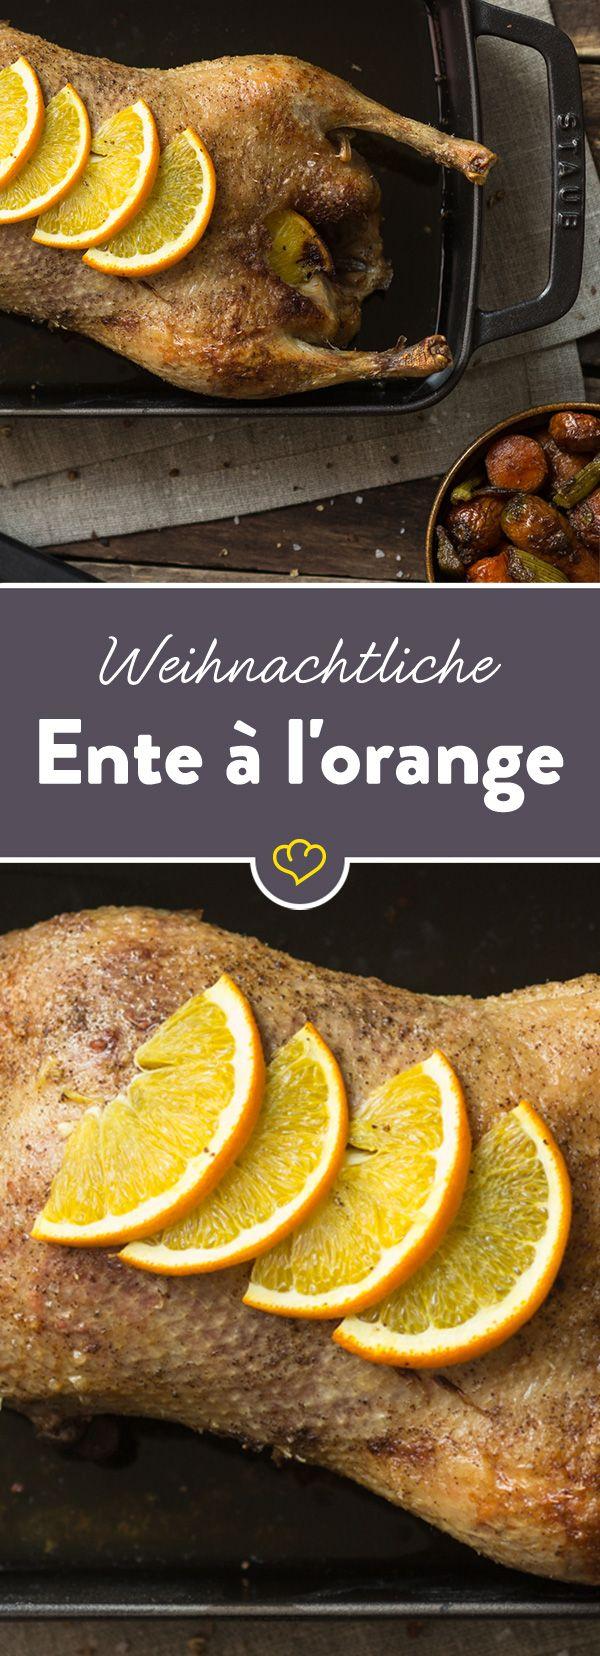 Ein richtiger Festschmaus: Die knusprige Ente in fruchtiger Orangensauce ist so köstlich, dass du sie dir nicht nur zu Weihnachten wünschst.